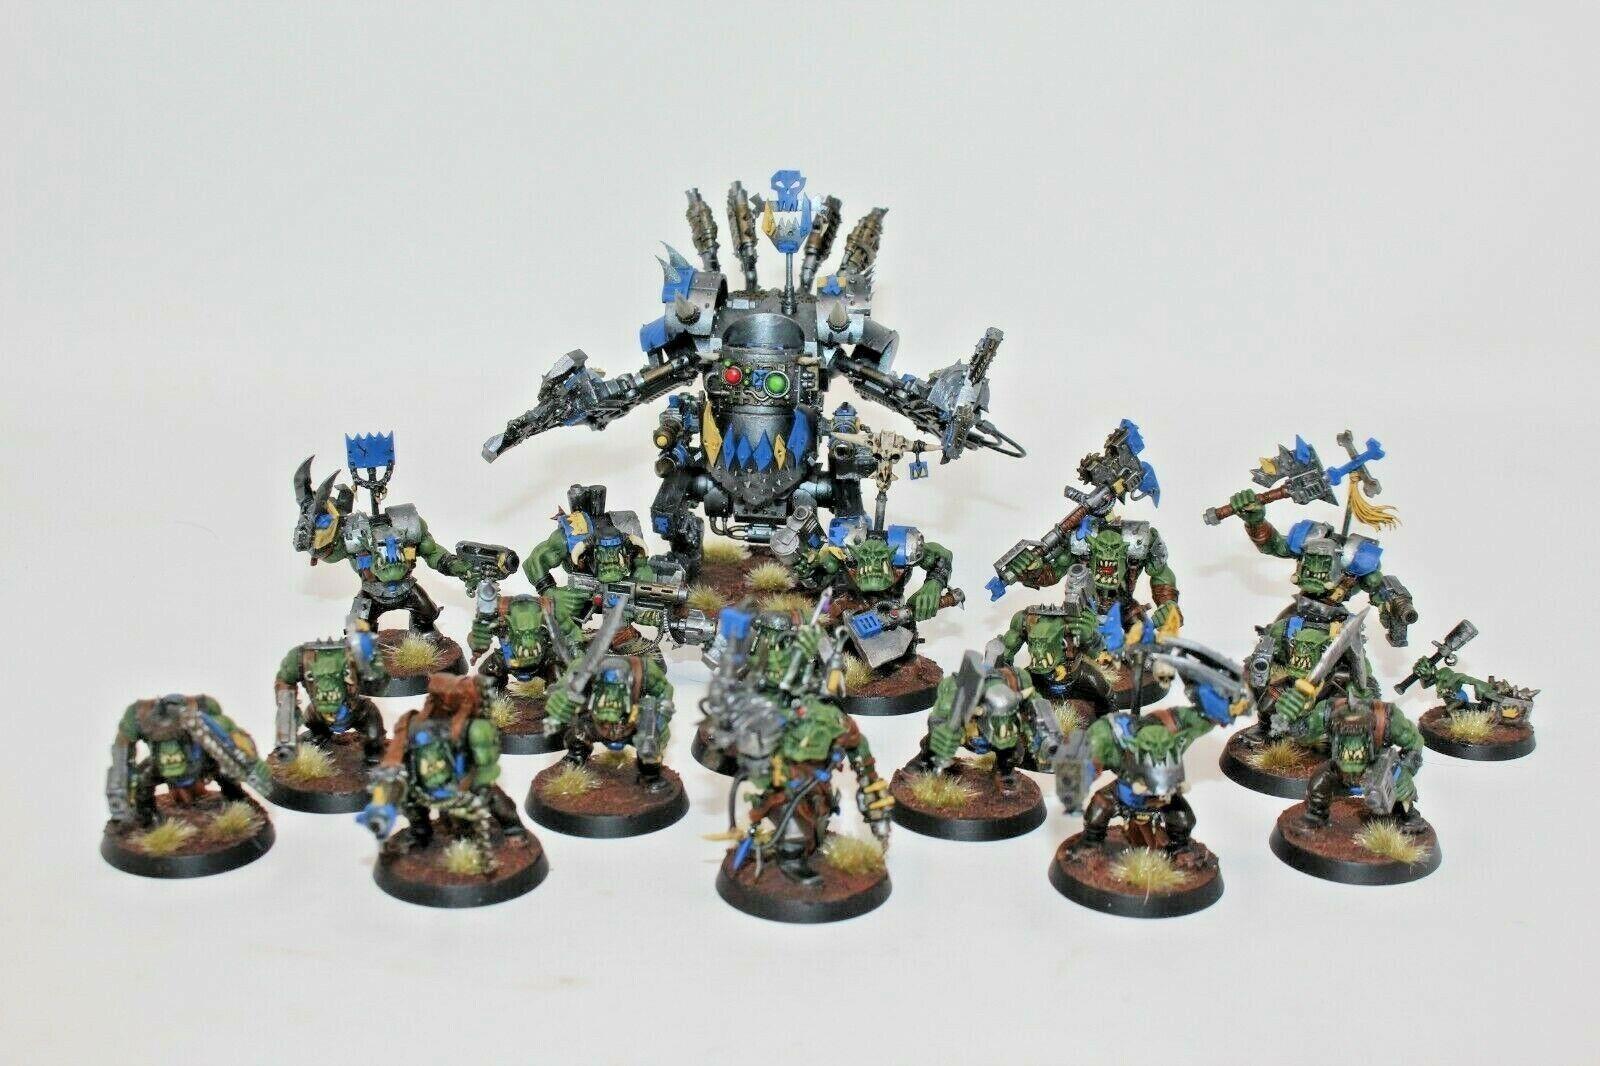 prezzi eccellenti Warhammer Warhammer Warhammer Orks Estrellat Collecting Force Well Painted  designer online